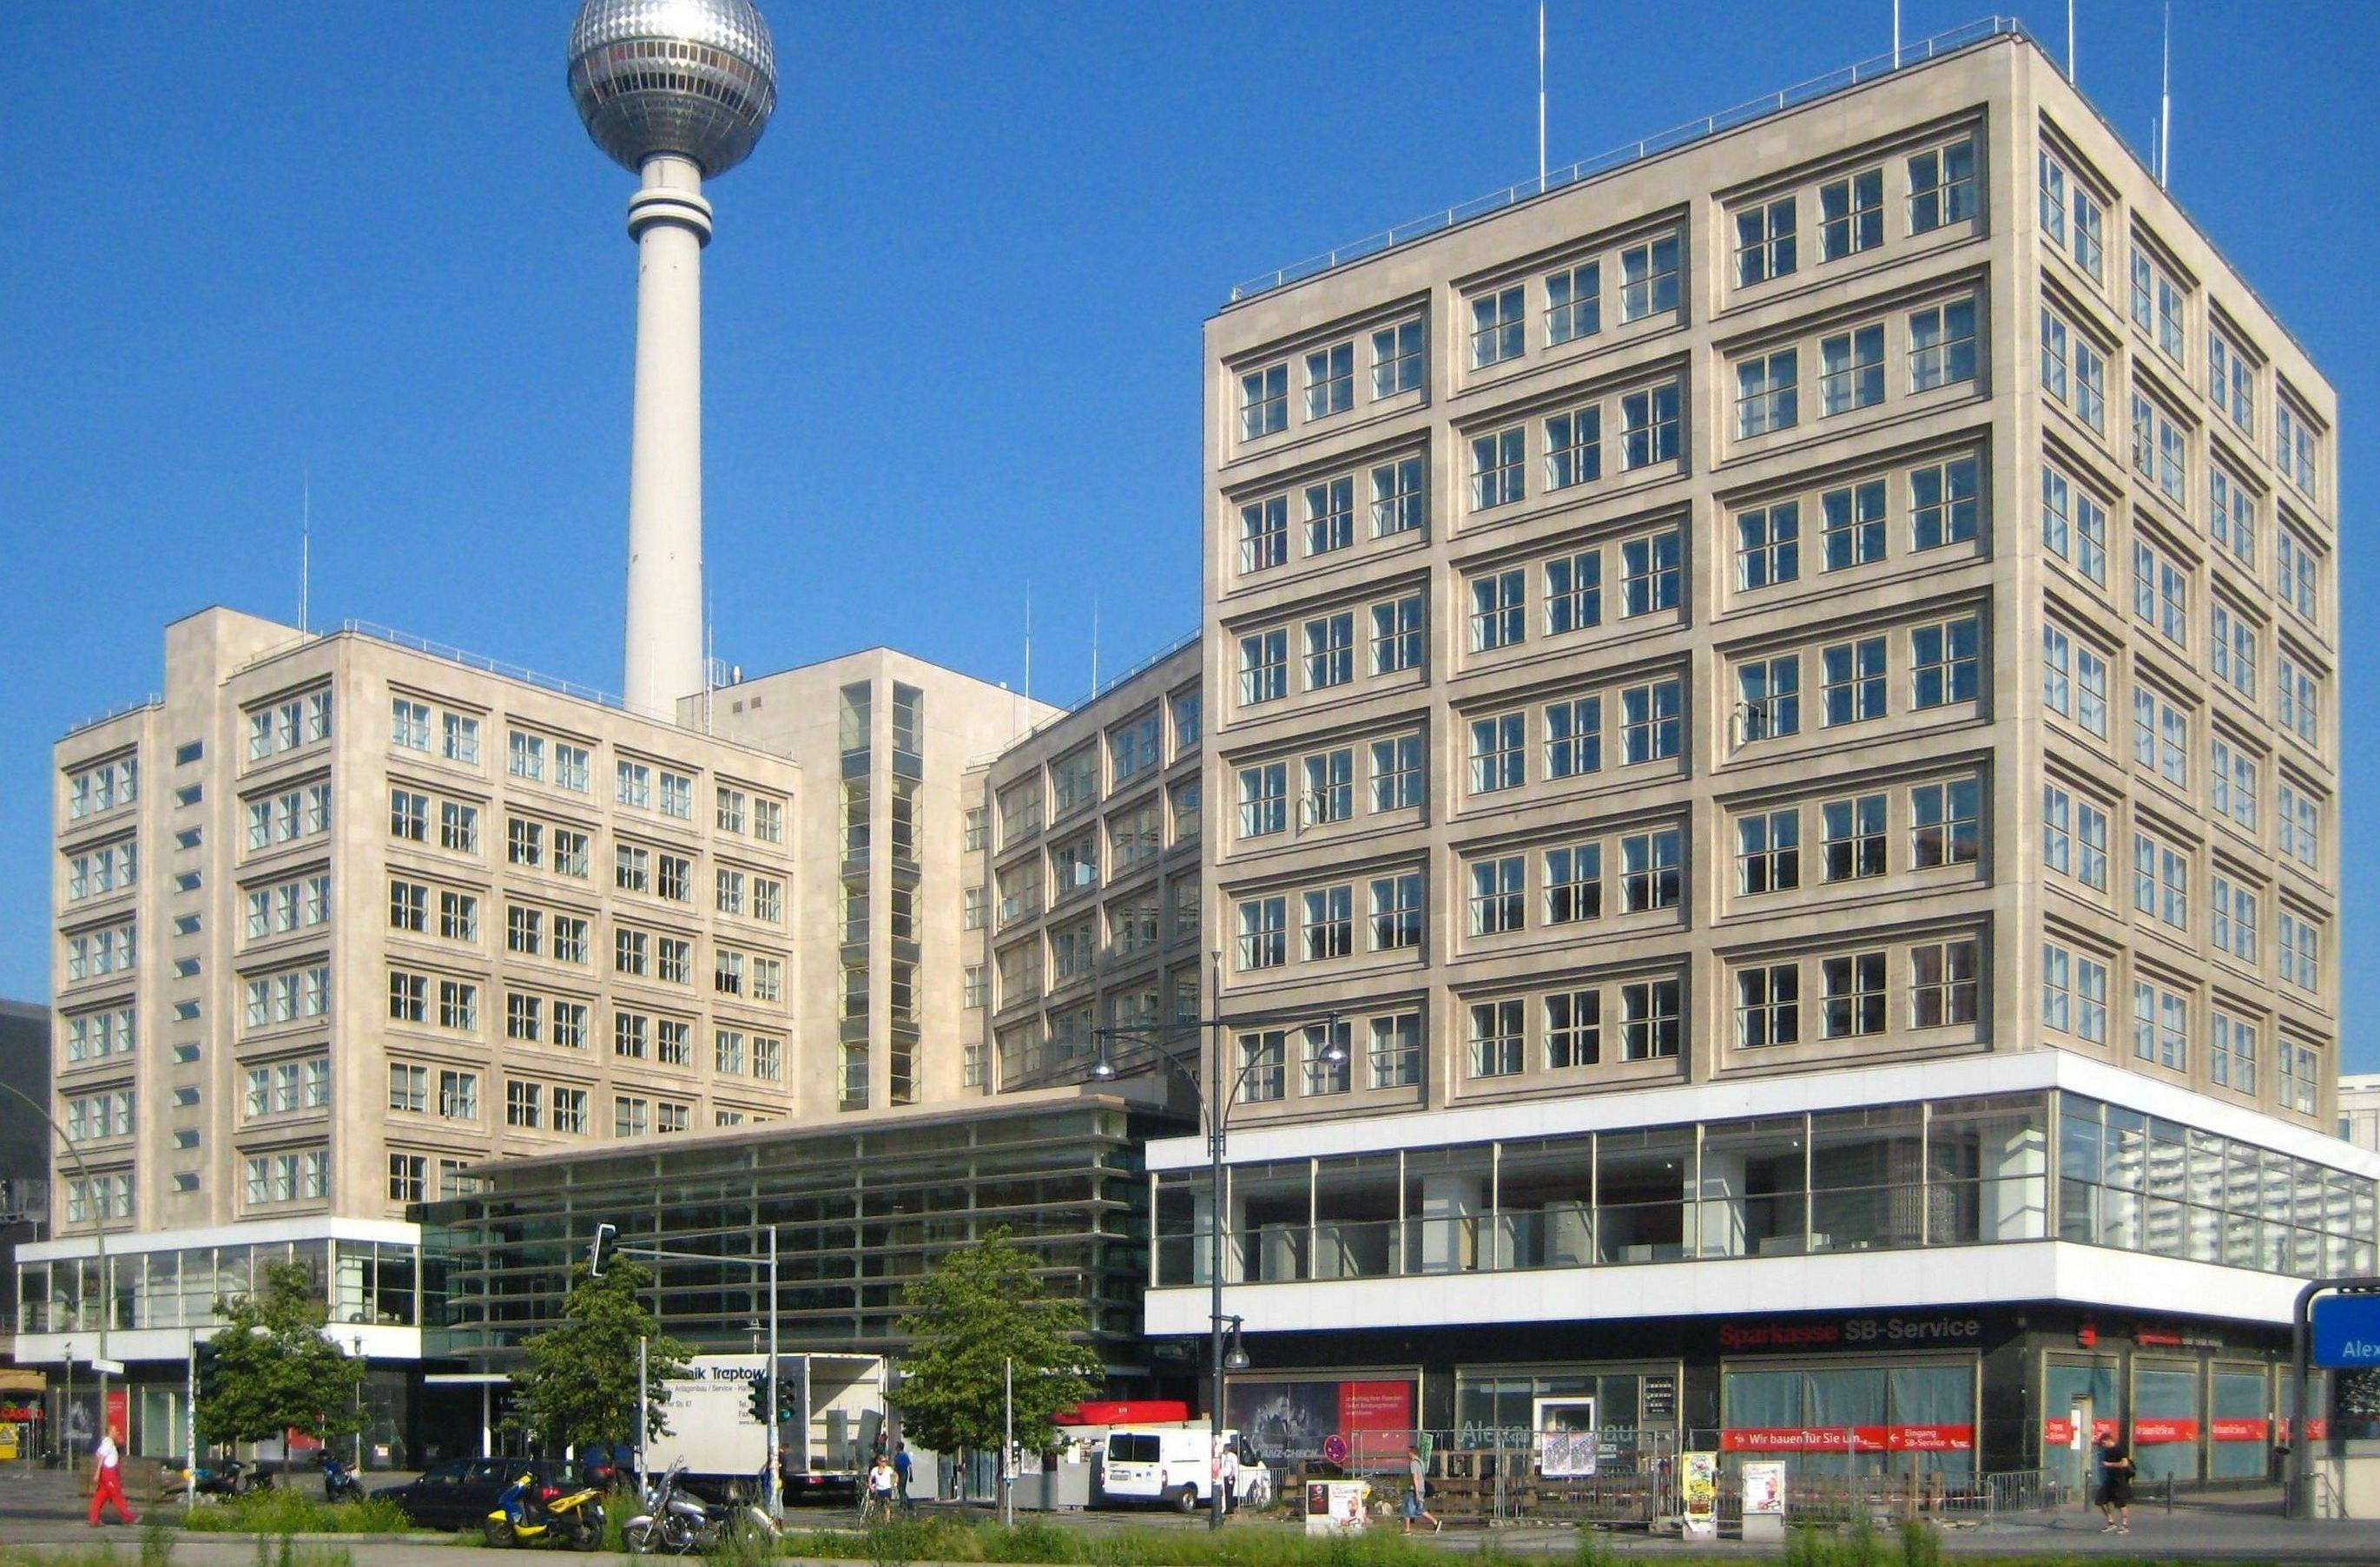 Peter Behrens Berlin Alexanderplatz Alexanderhaus7 Behrens Berlin Design